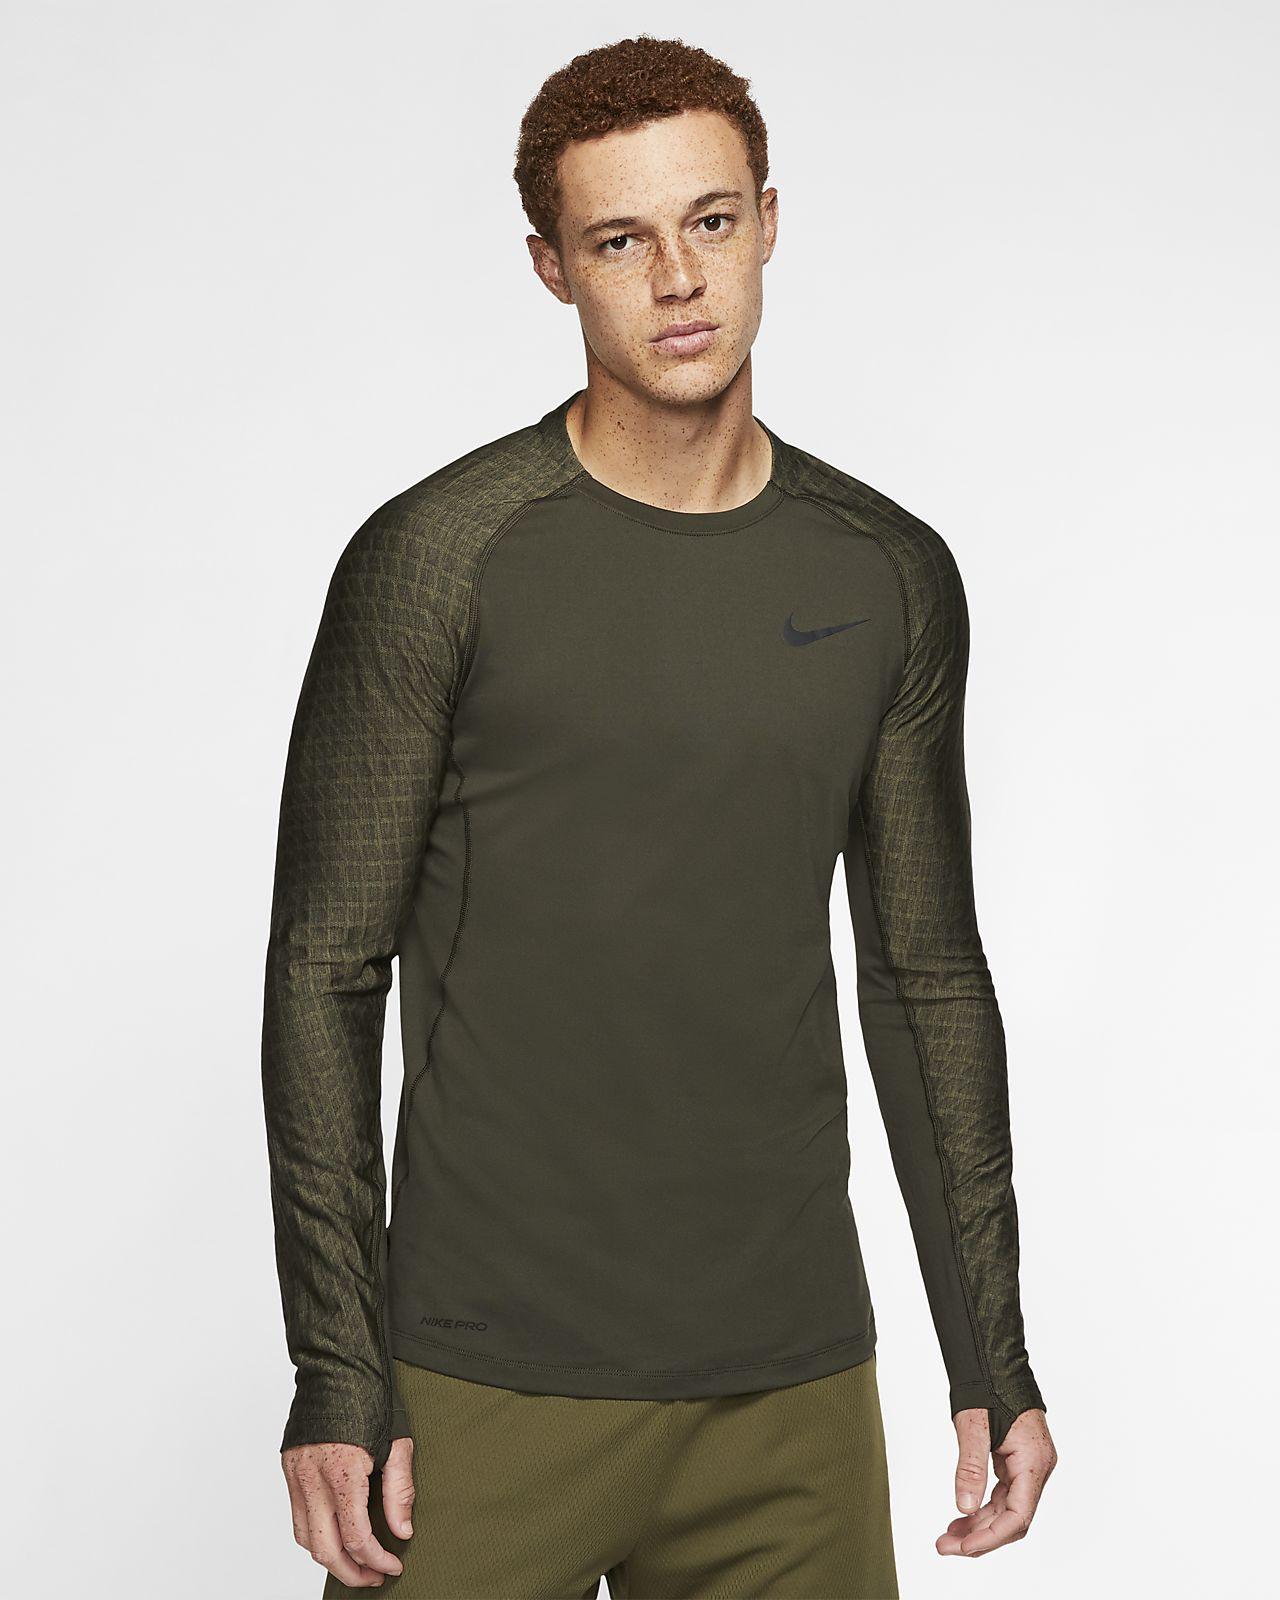 Pánské tréninkové tričko Nike Pro s dlouhým rukávem